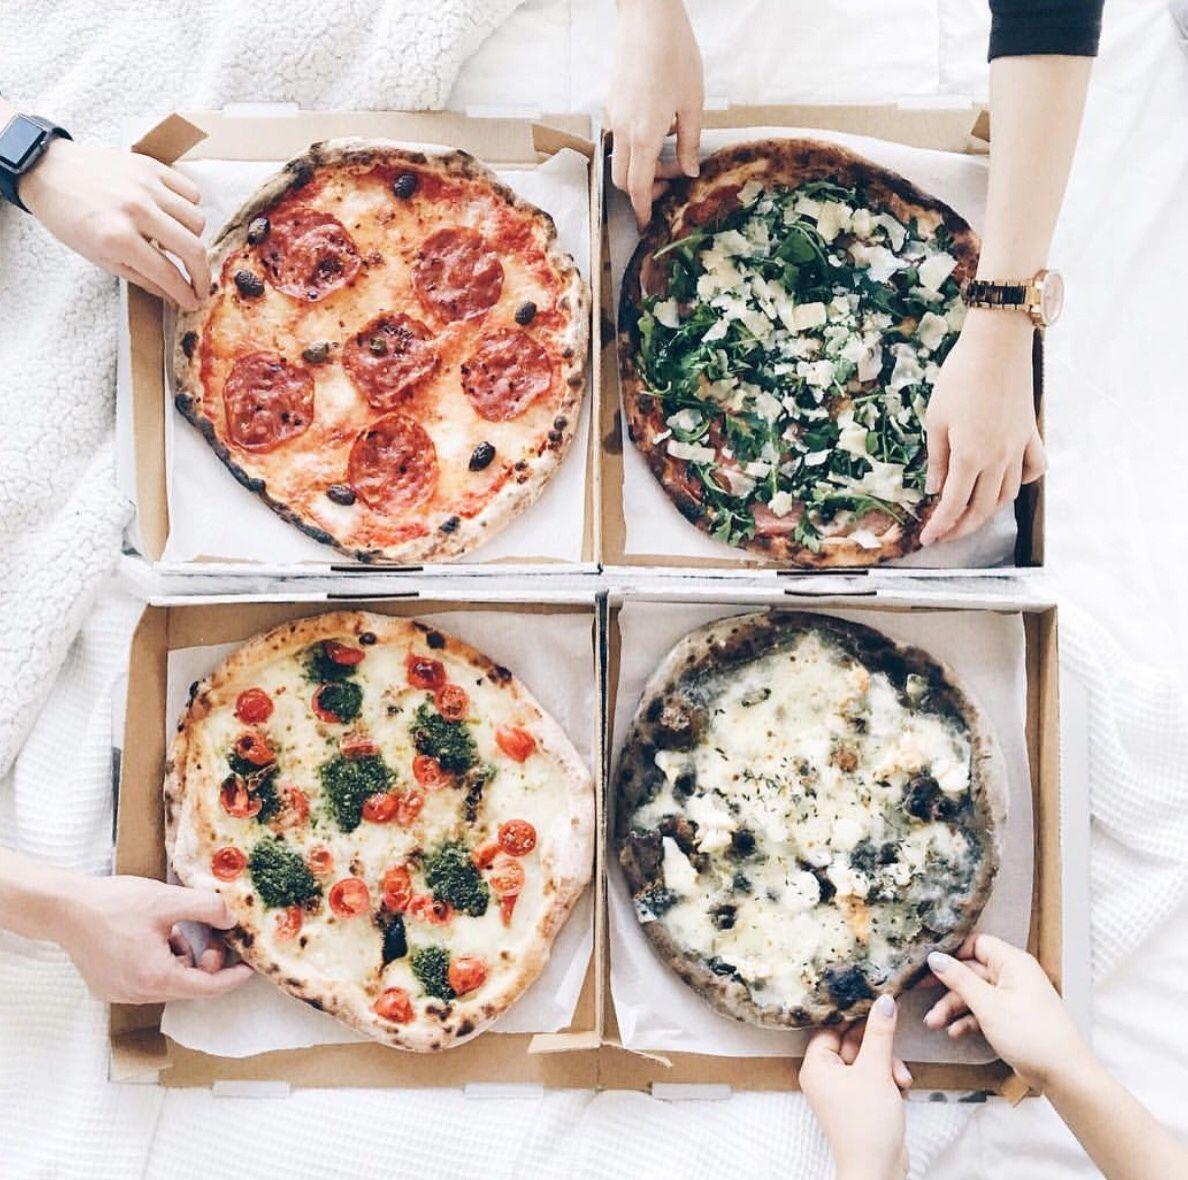 Descubra E Compartilhe As Mais Belas Imagens De Todo O Mundo Food Tumblr Food Eat